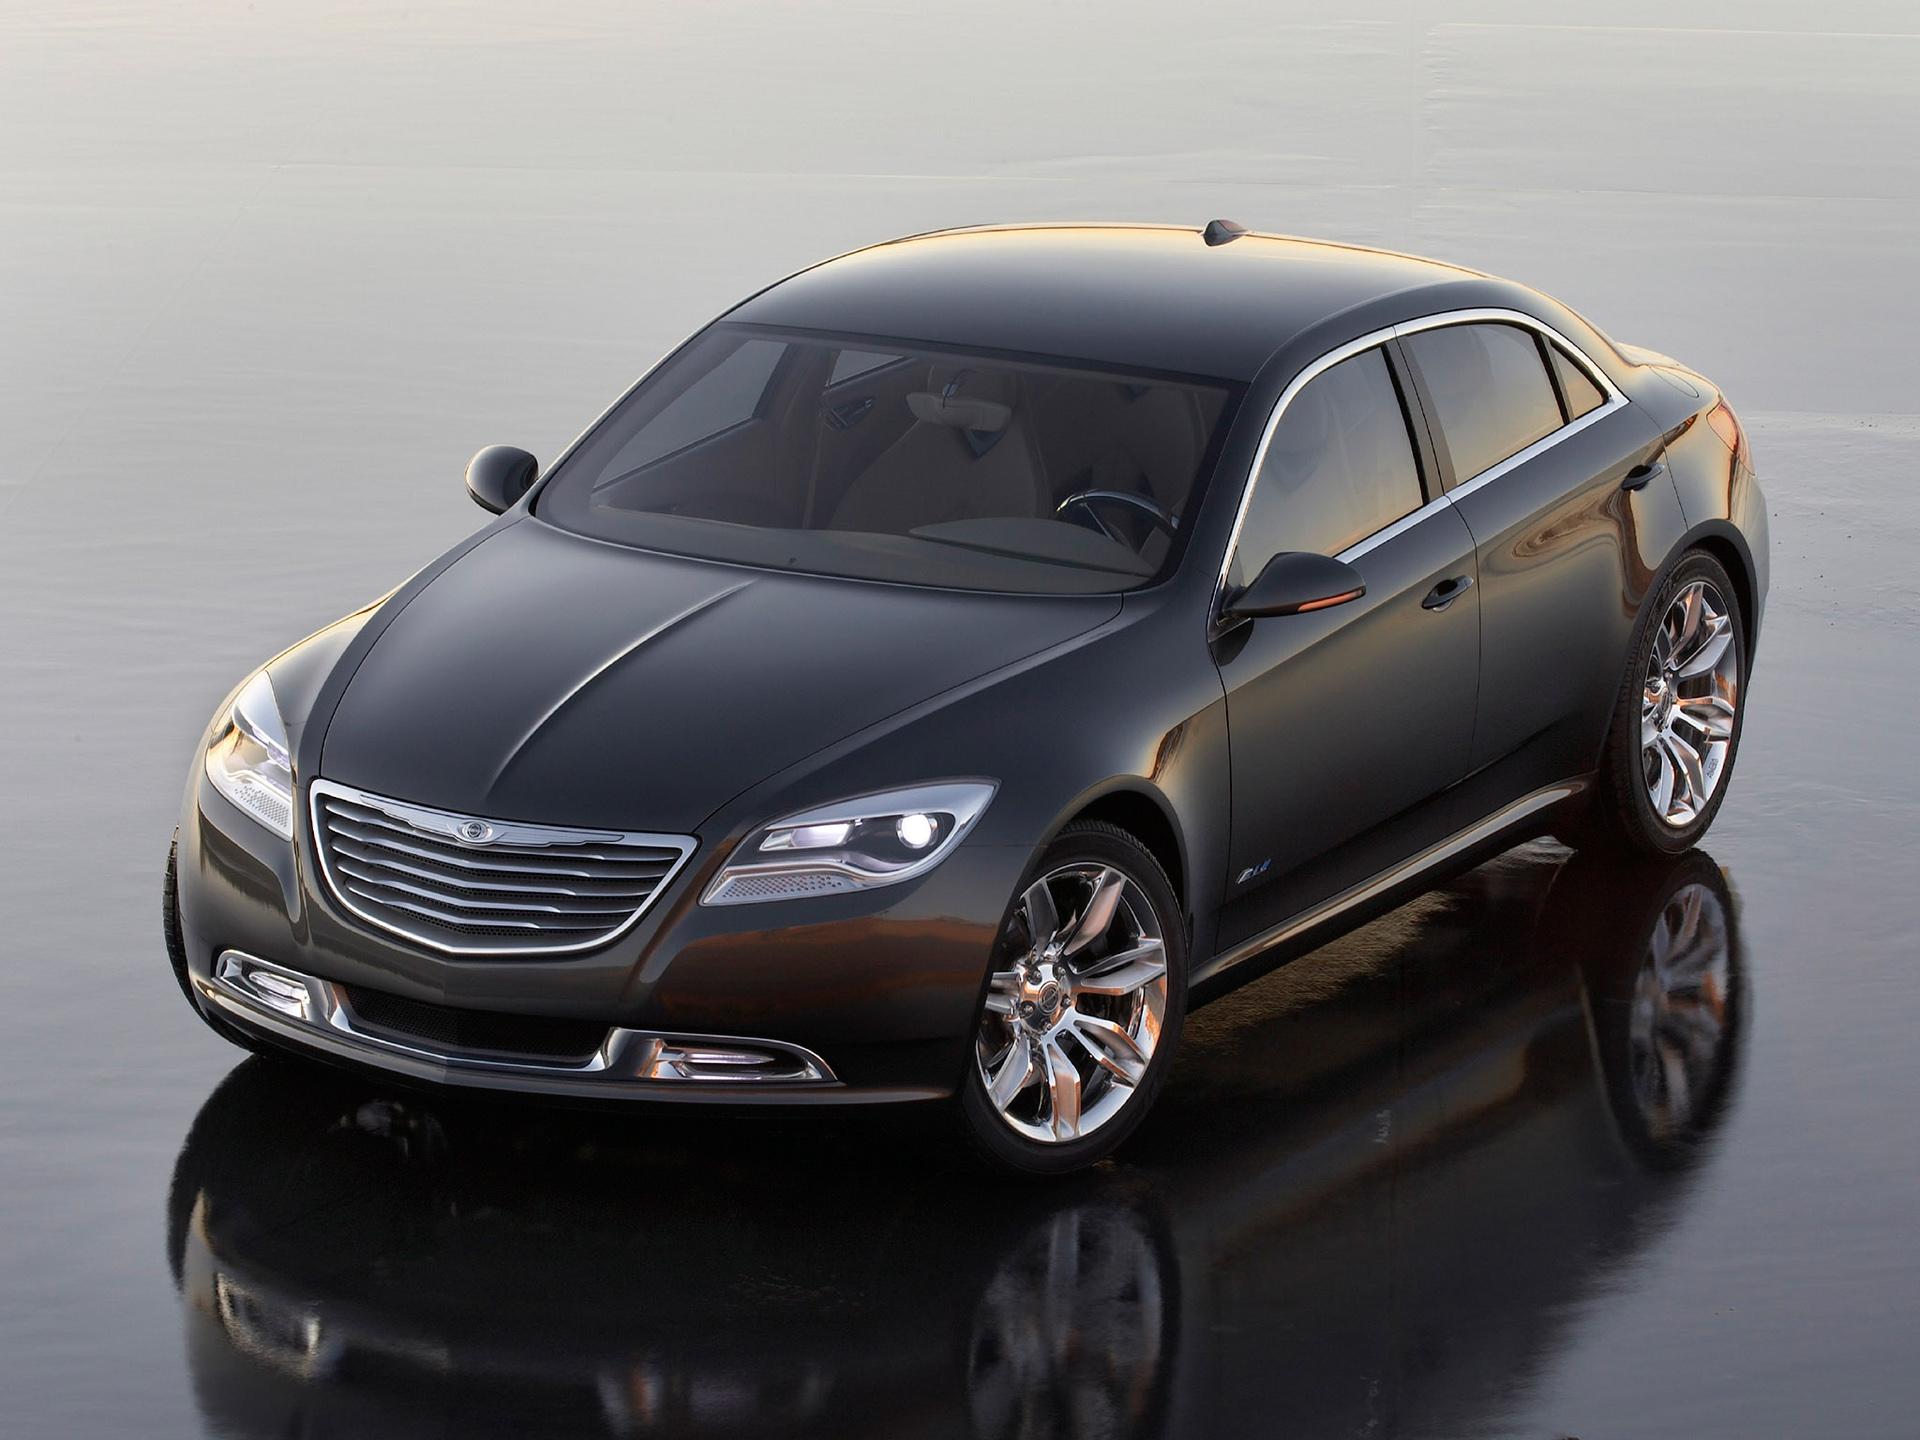 минус модели автомобилей только седан картинка многие представительницы прекрасного